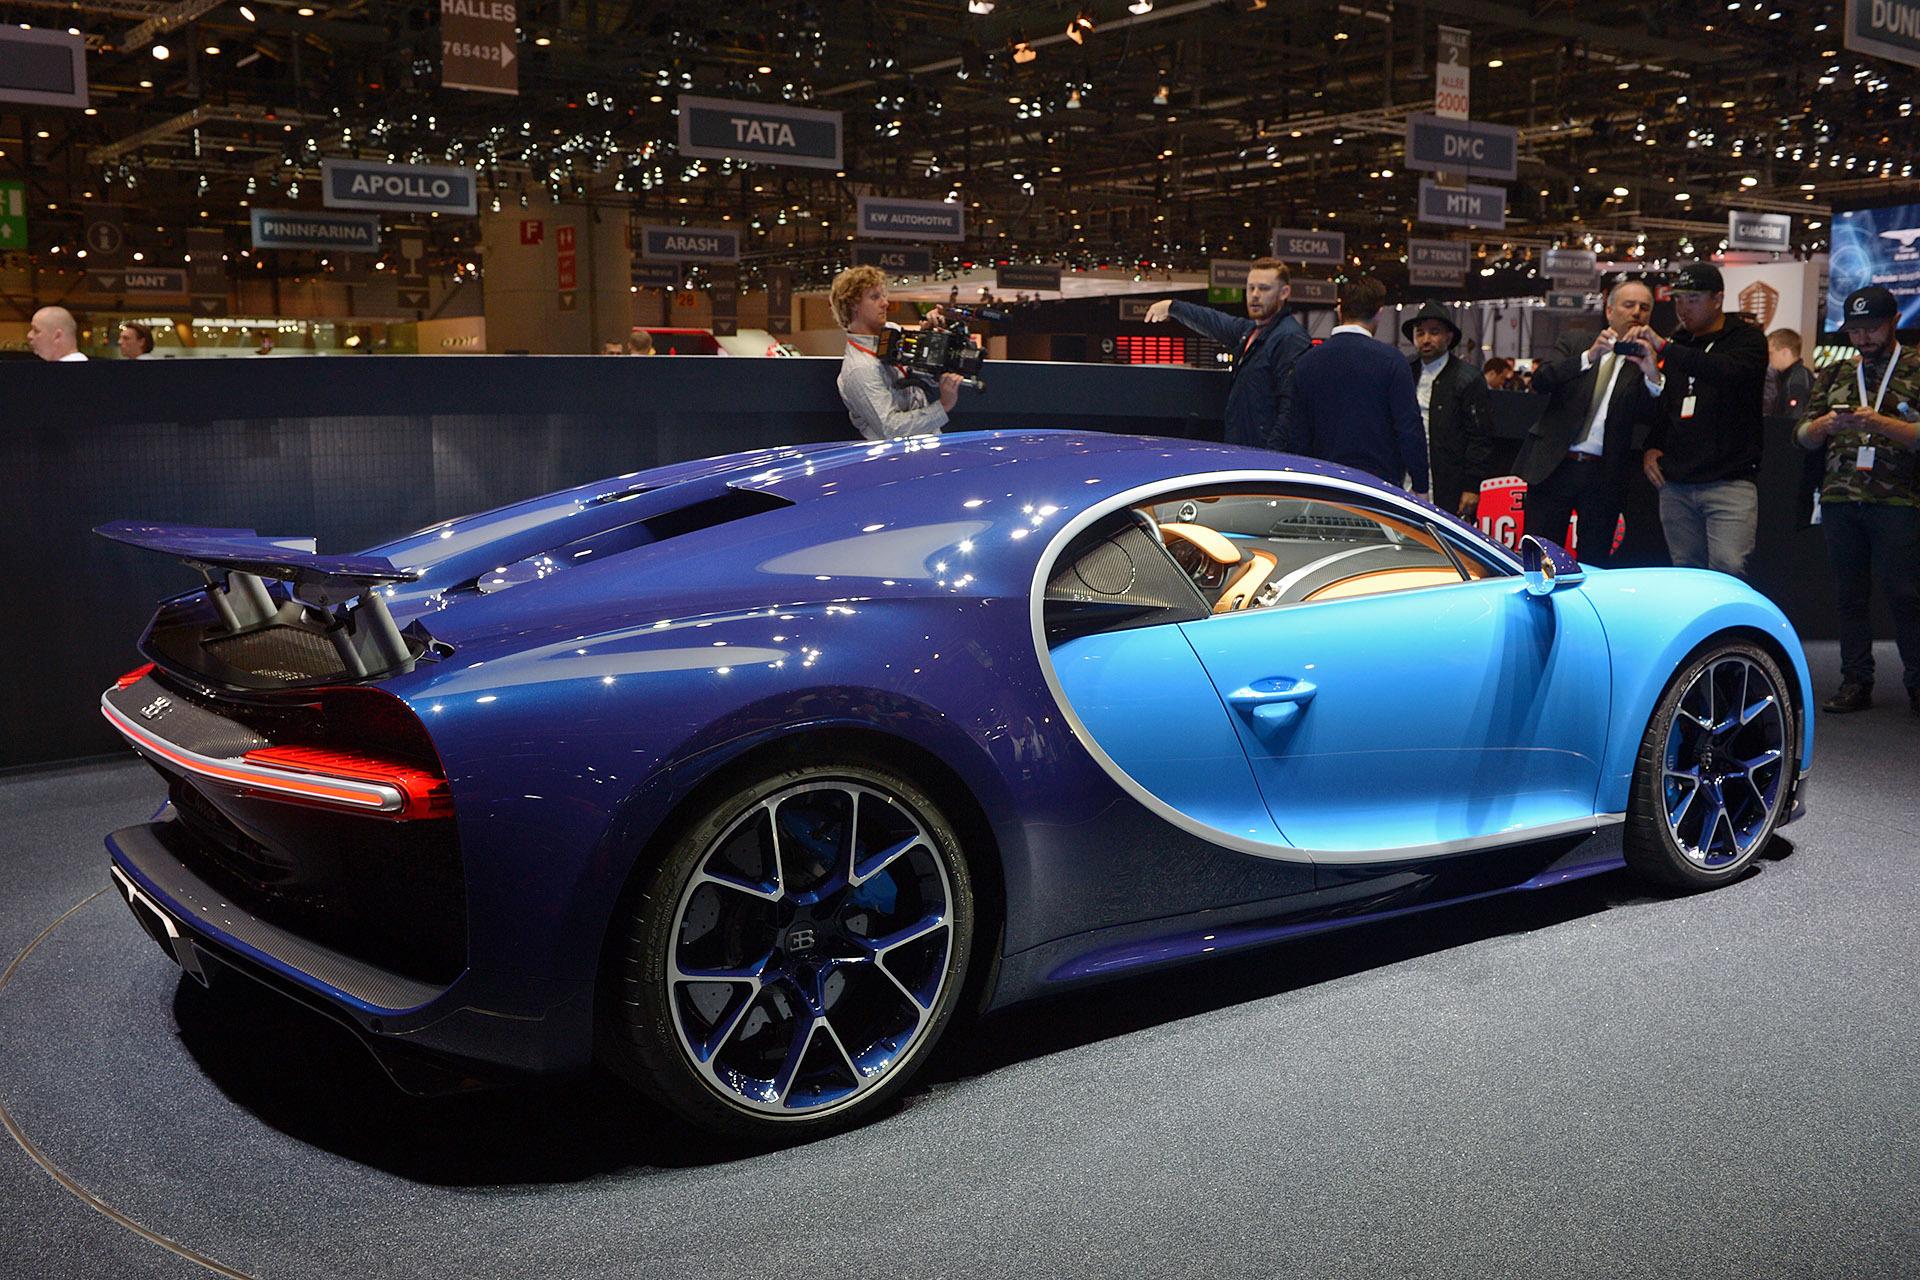 BUGATTI CHIRON A DREAM CAR FIRST LOOK  24x7review